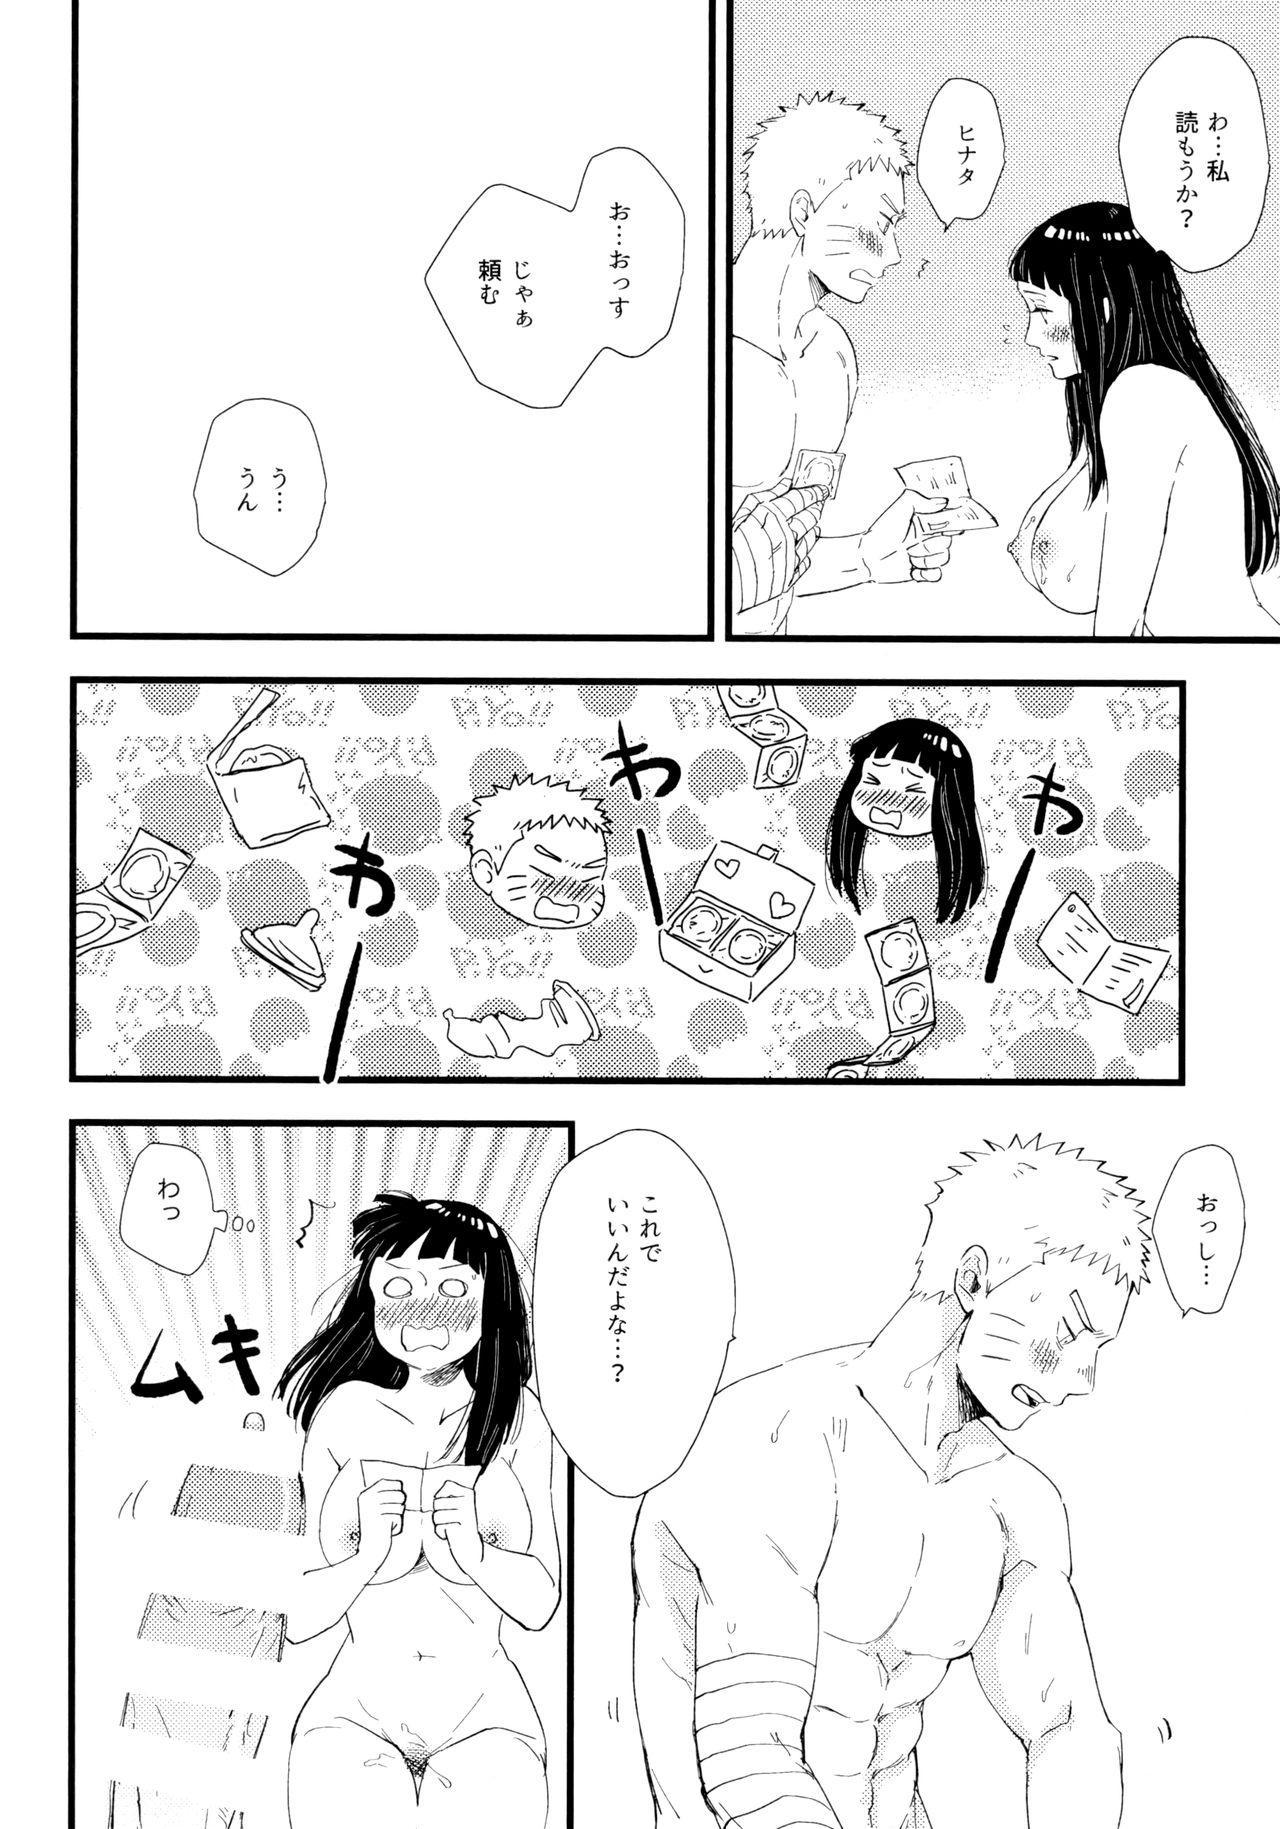 Koiwo Shiteiru Karada 1 + 2 95